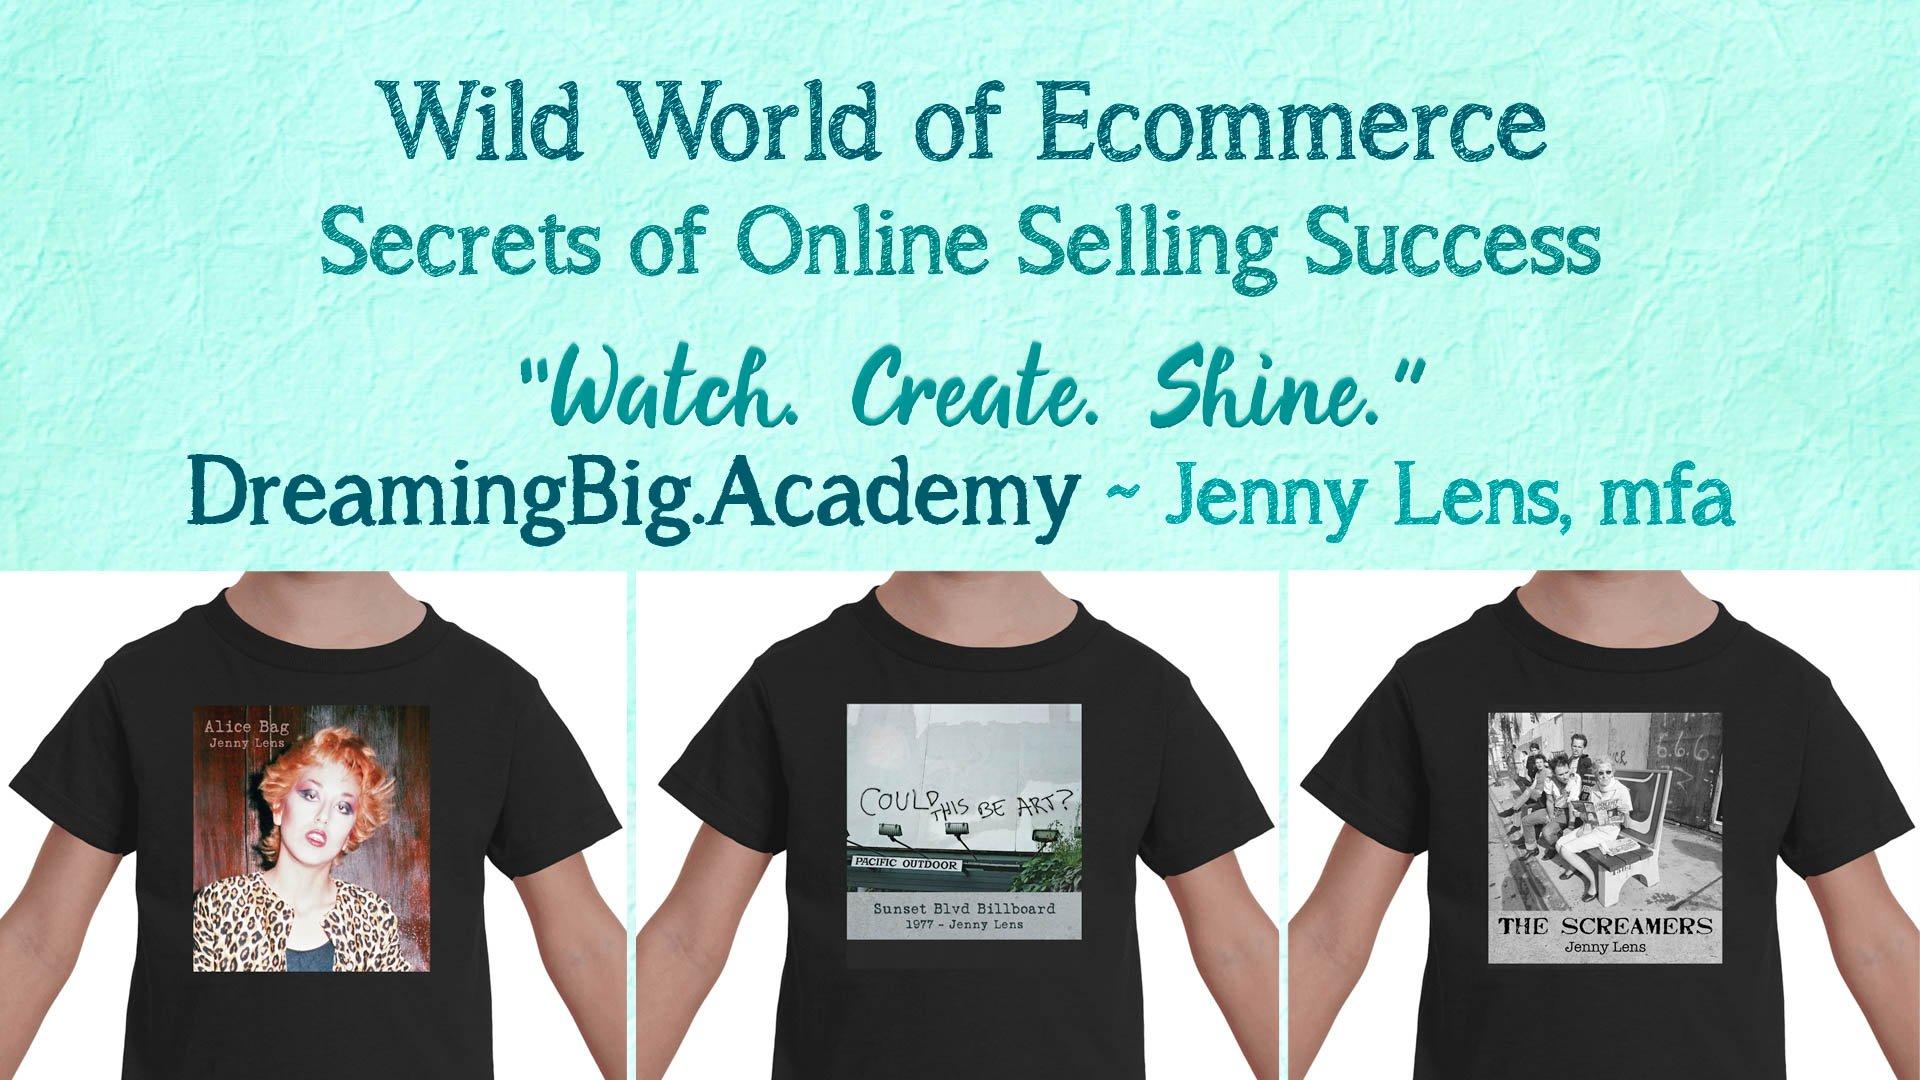 Wild World of Ecommerce